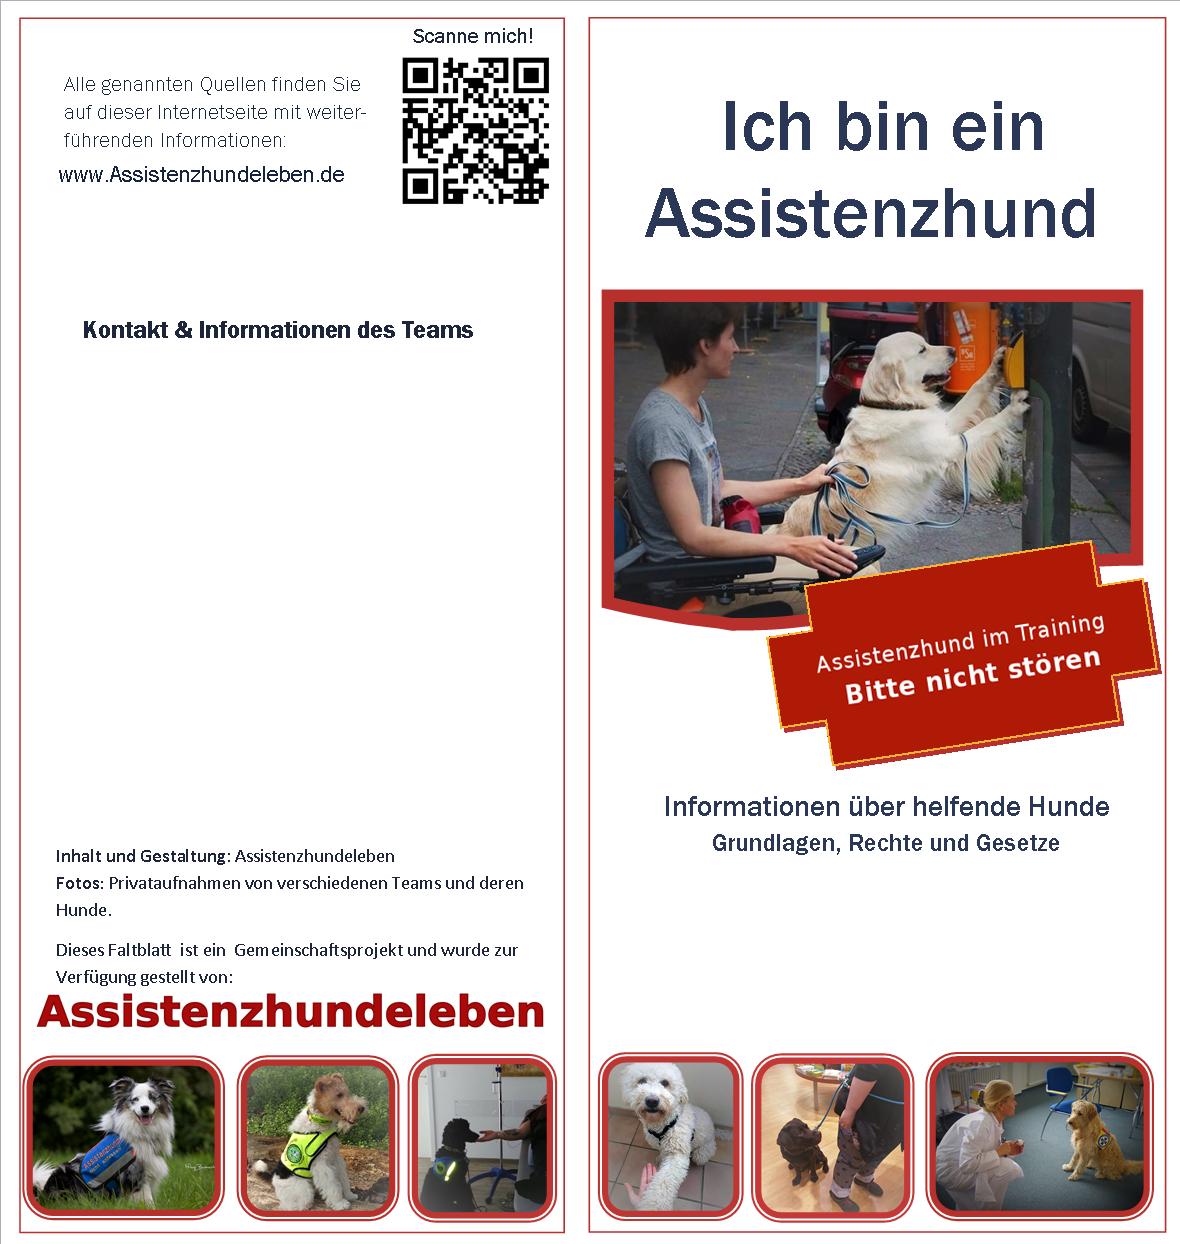 Neuer Entwurf: Infofaltblatt für Assistenzhundeteams